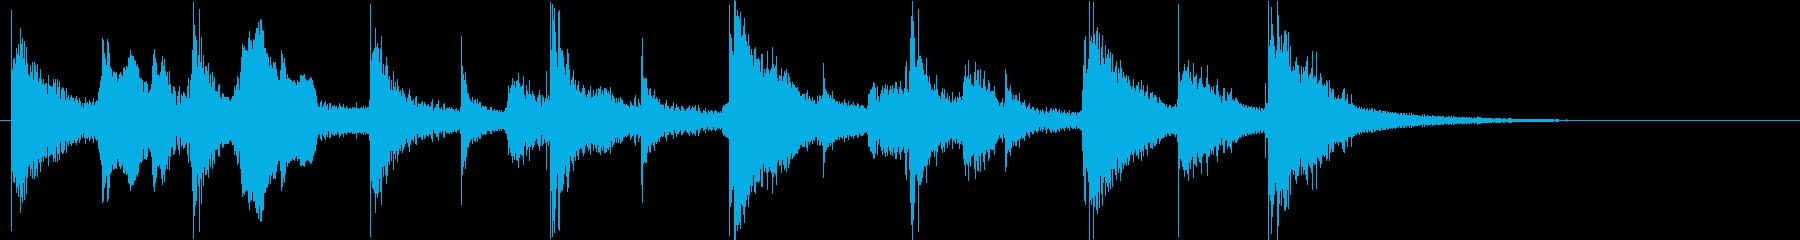 ジングル ウクレレ 口笛 かわいい の再生済みの波形